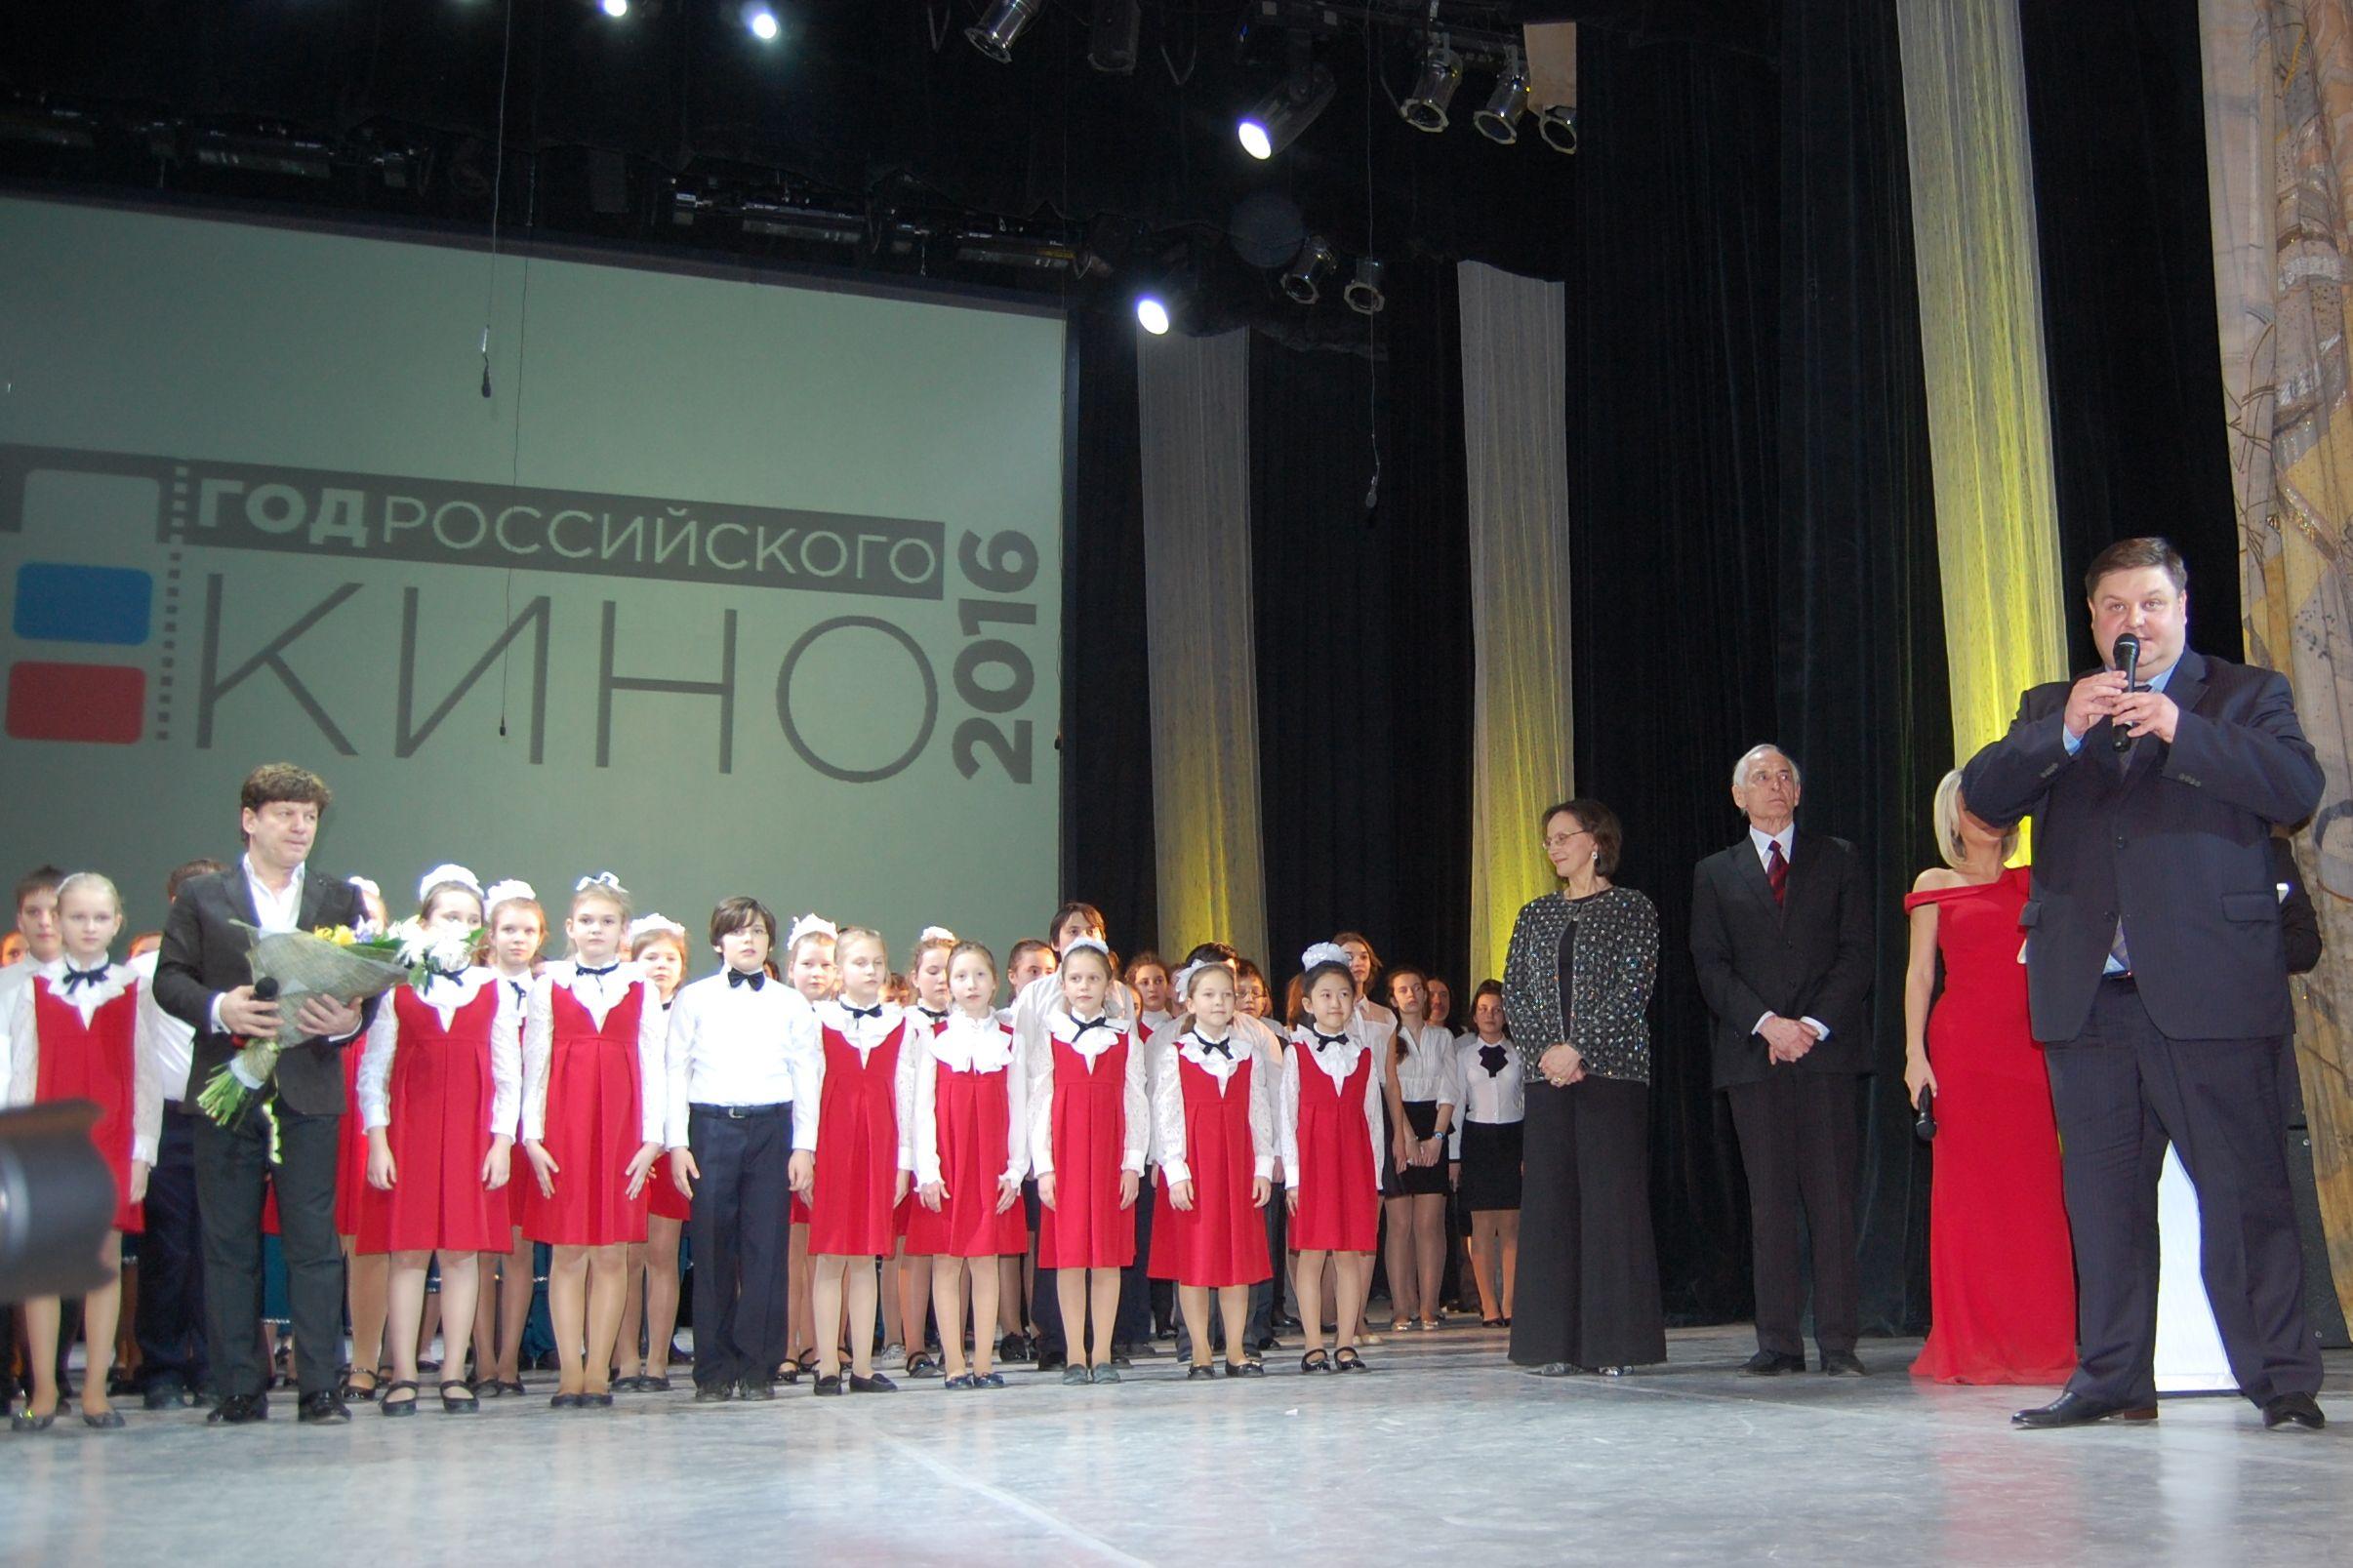 Открытие Года российского кино в Подольске. 1 марта 2016 г.